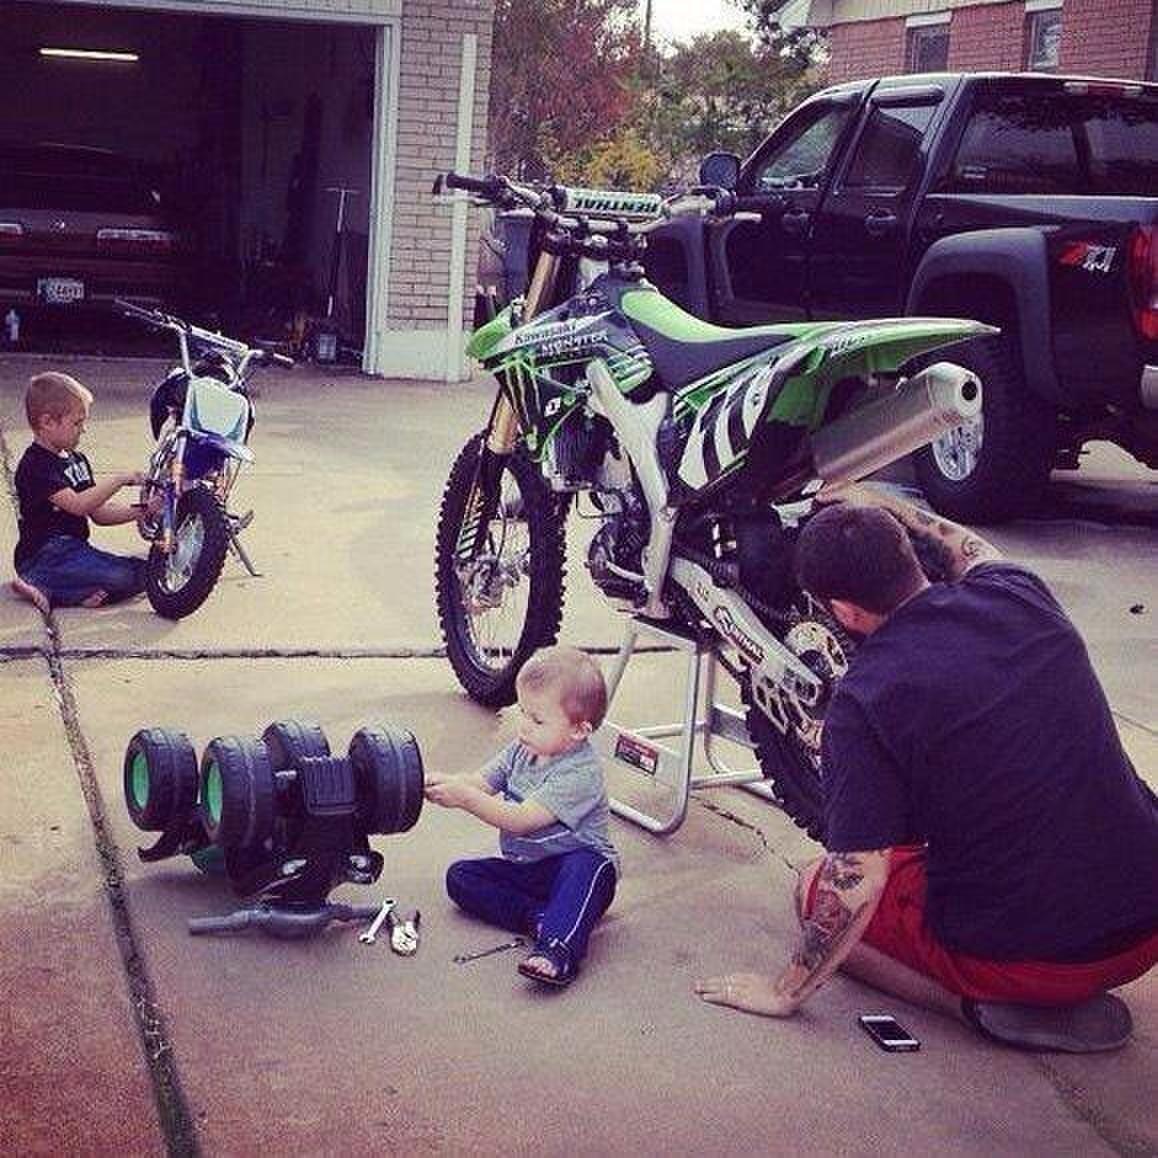 Ещё немного подрастёт и точно отберёт у папы мотоцикл .